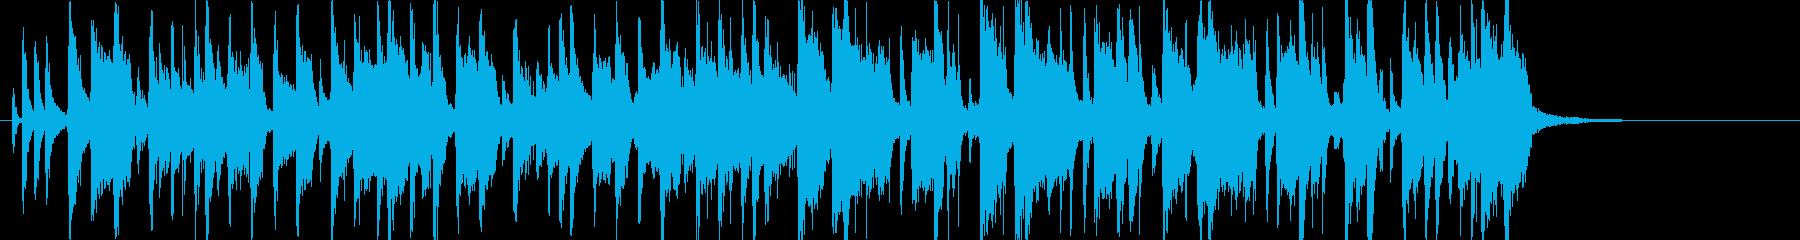 ファンキーでワイルドな印象のジングルの再生済みの波形